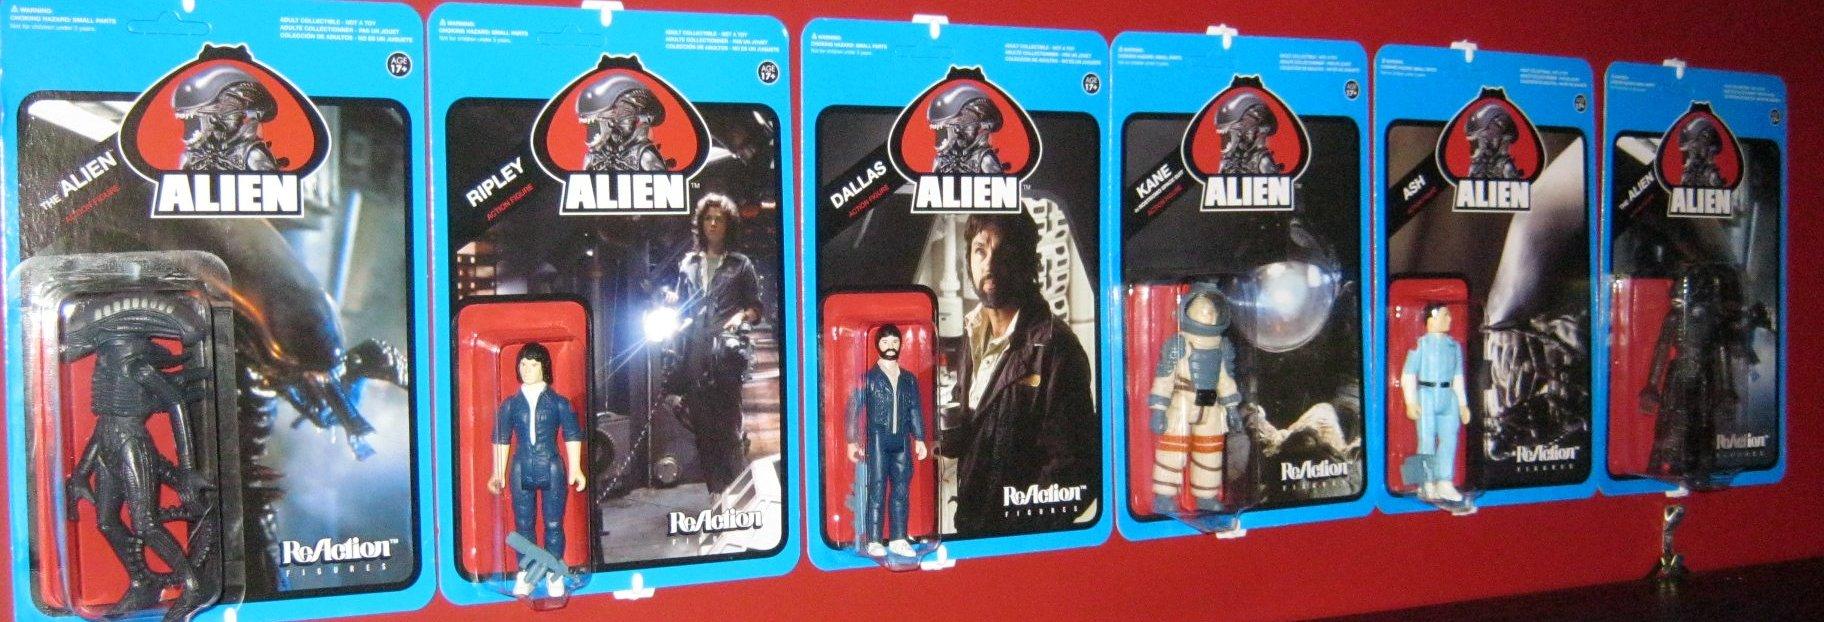 Alien-figures